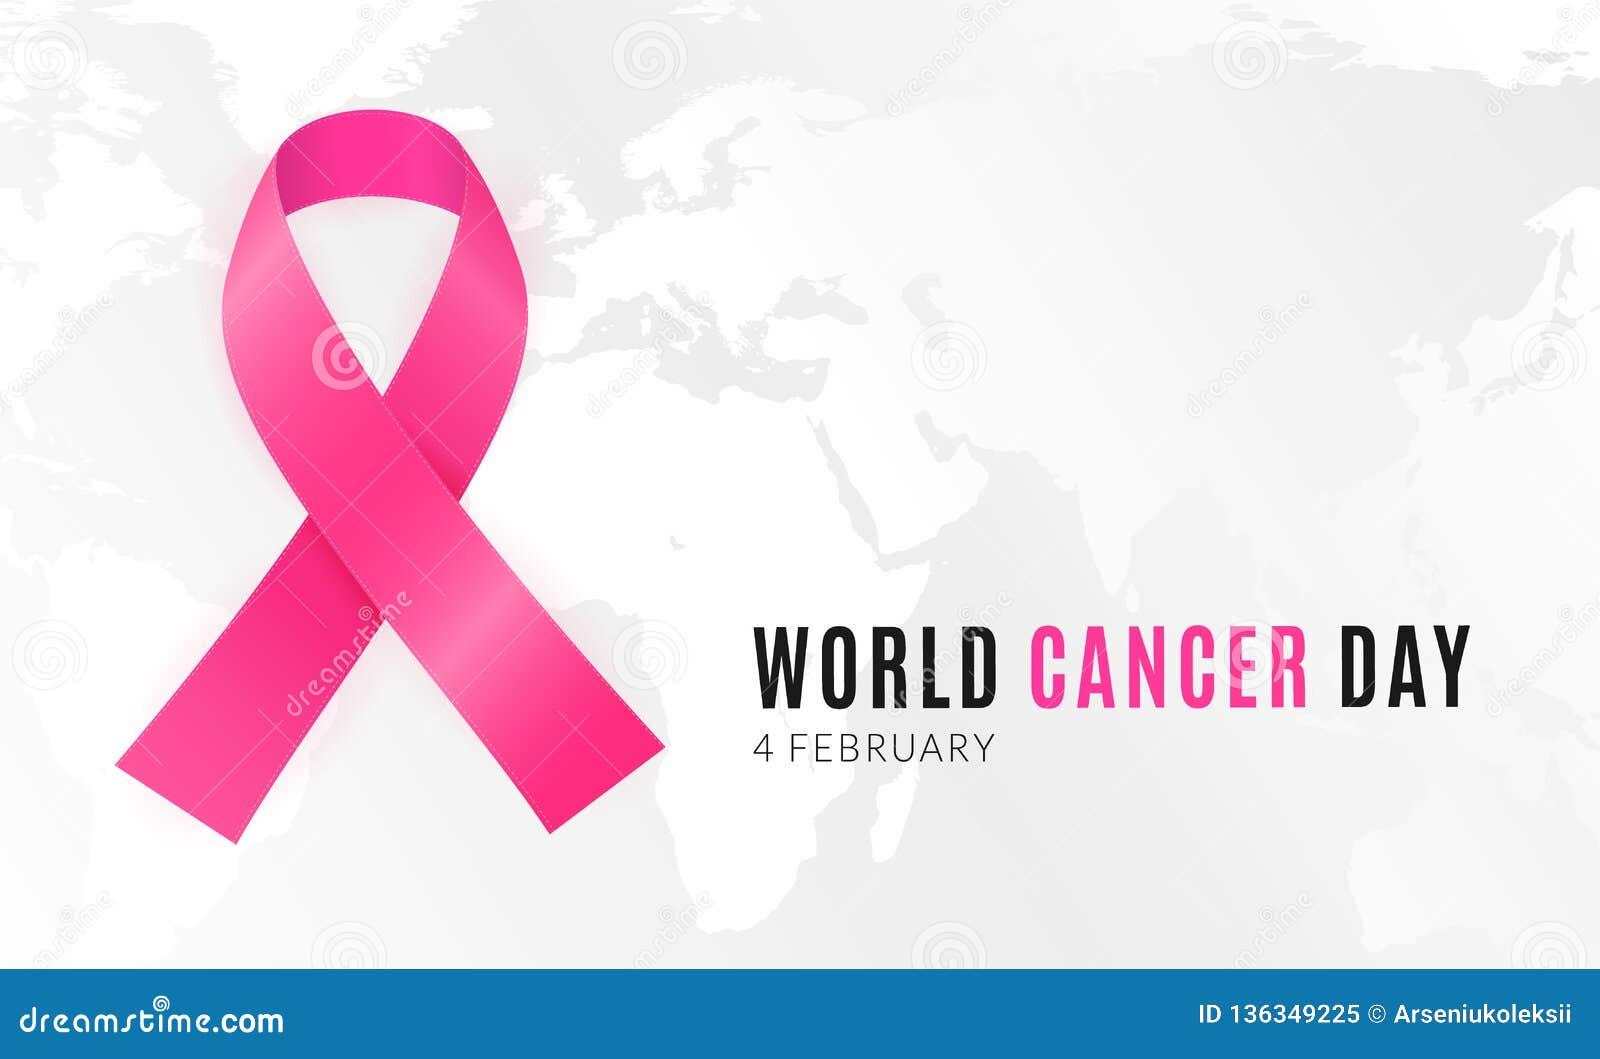 4 februari is werelddag wanneer alle mensen zich tegen kanker verenigen